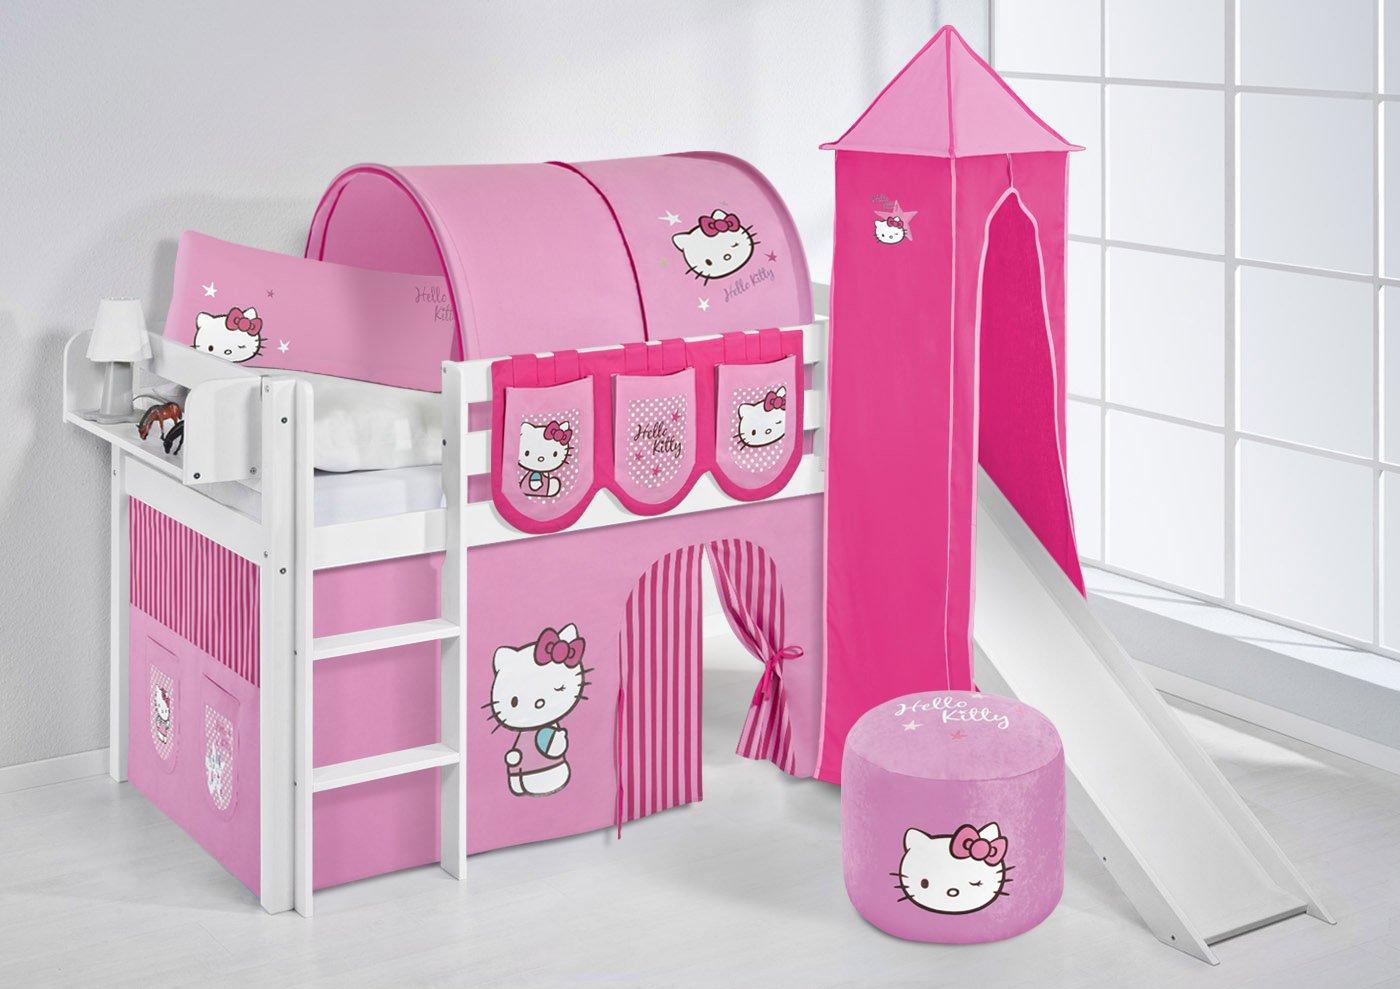 Spielbett JELLE Hello Kitty Rosa Lilokids The Explorer Hochbett LILOKIDS Weiß mit Turm Rutsche und Vorhang kiefer günstig